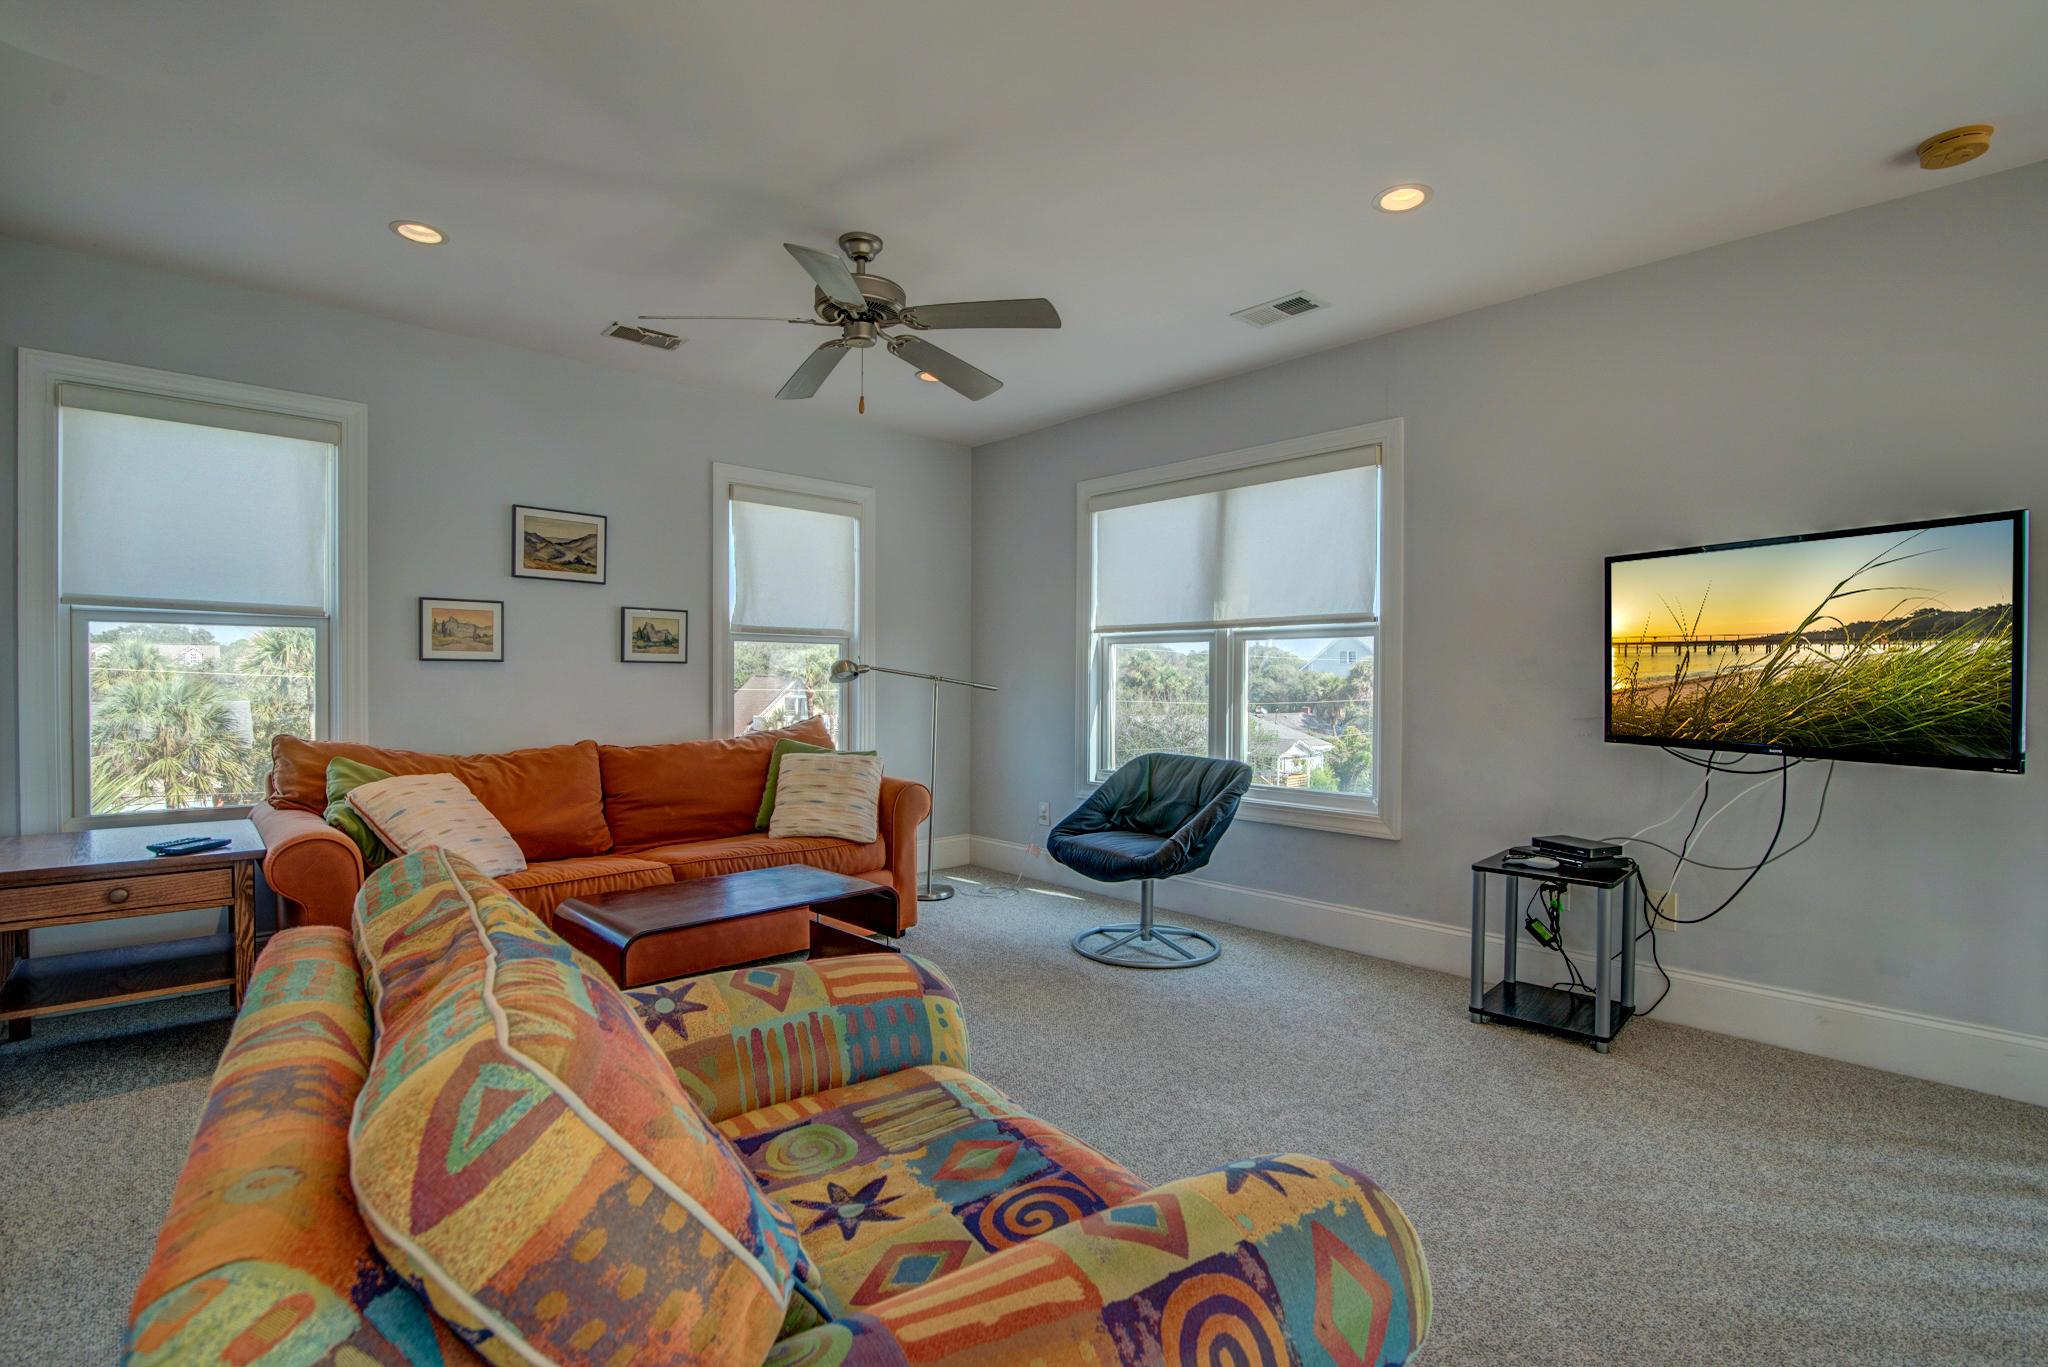 Folly Beach Homes For Sale - 319 Arctic, Folly Beach, SC - 40